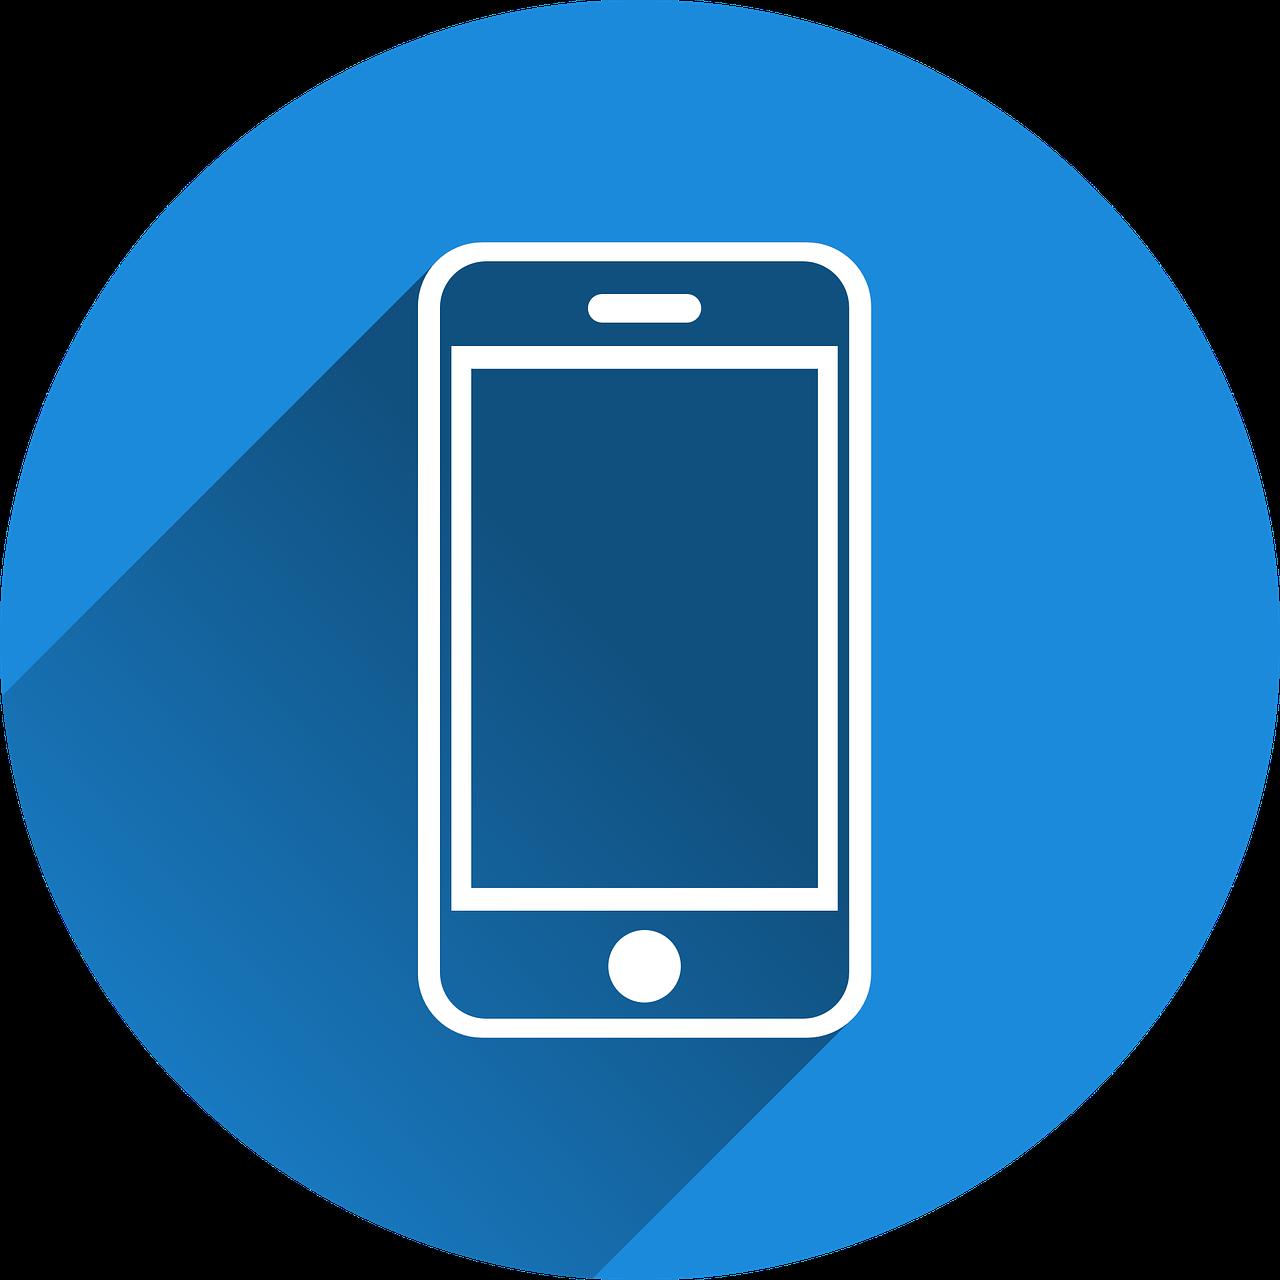 Icona smarthphone